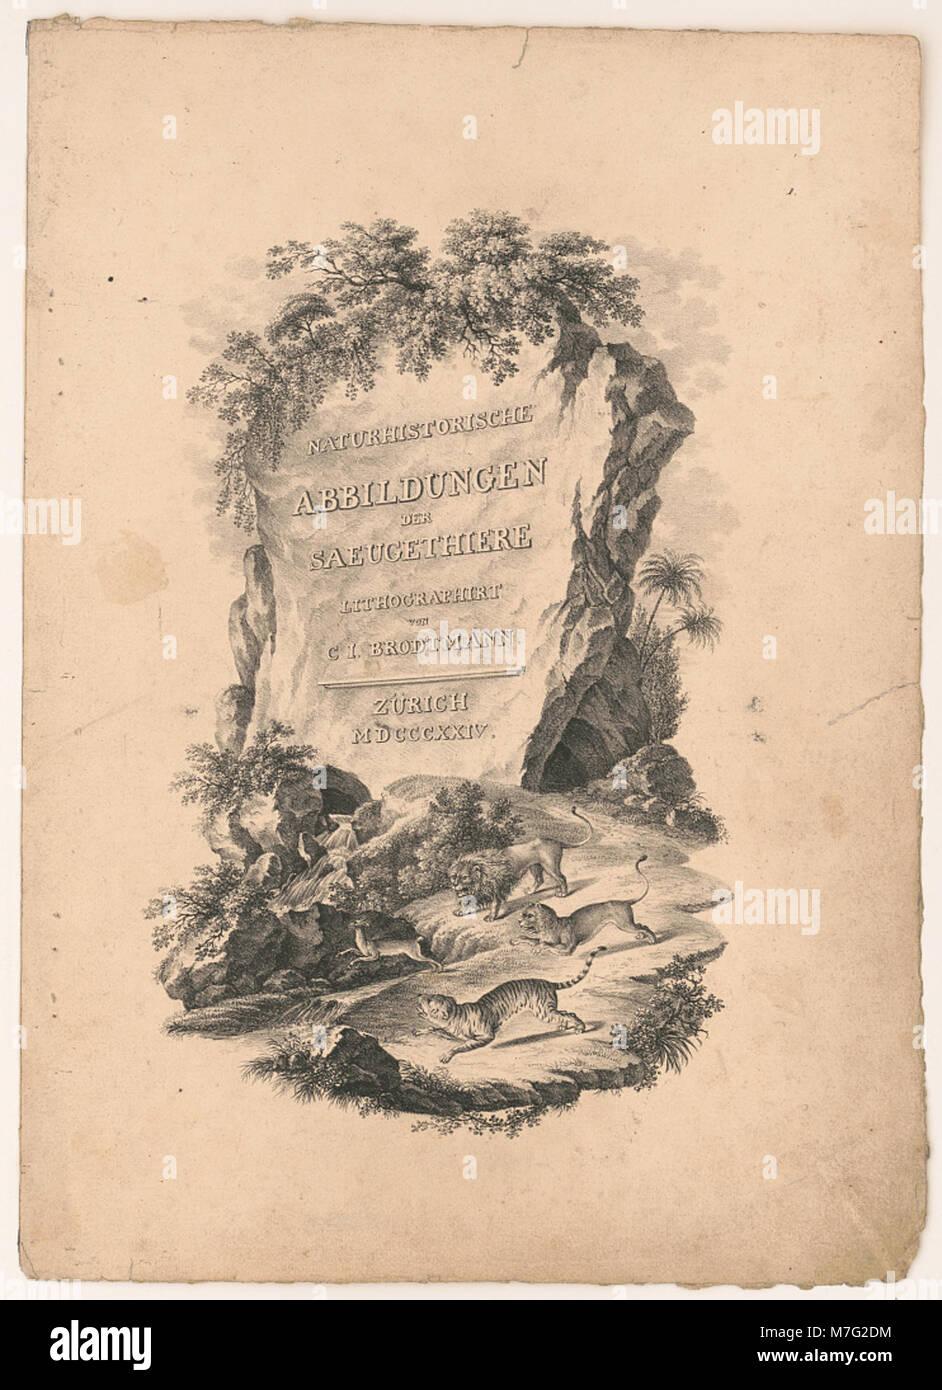 Naturhistorische abbildungen der saeugethiere LCCN2002736912 - Stock Image